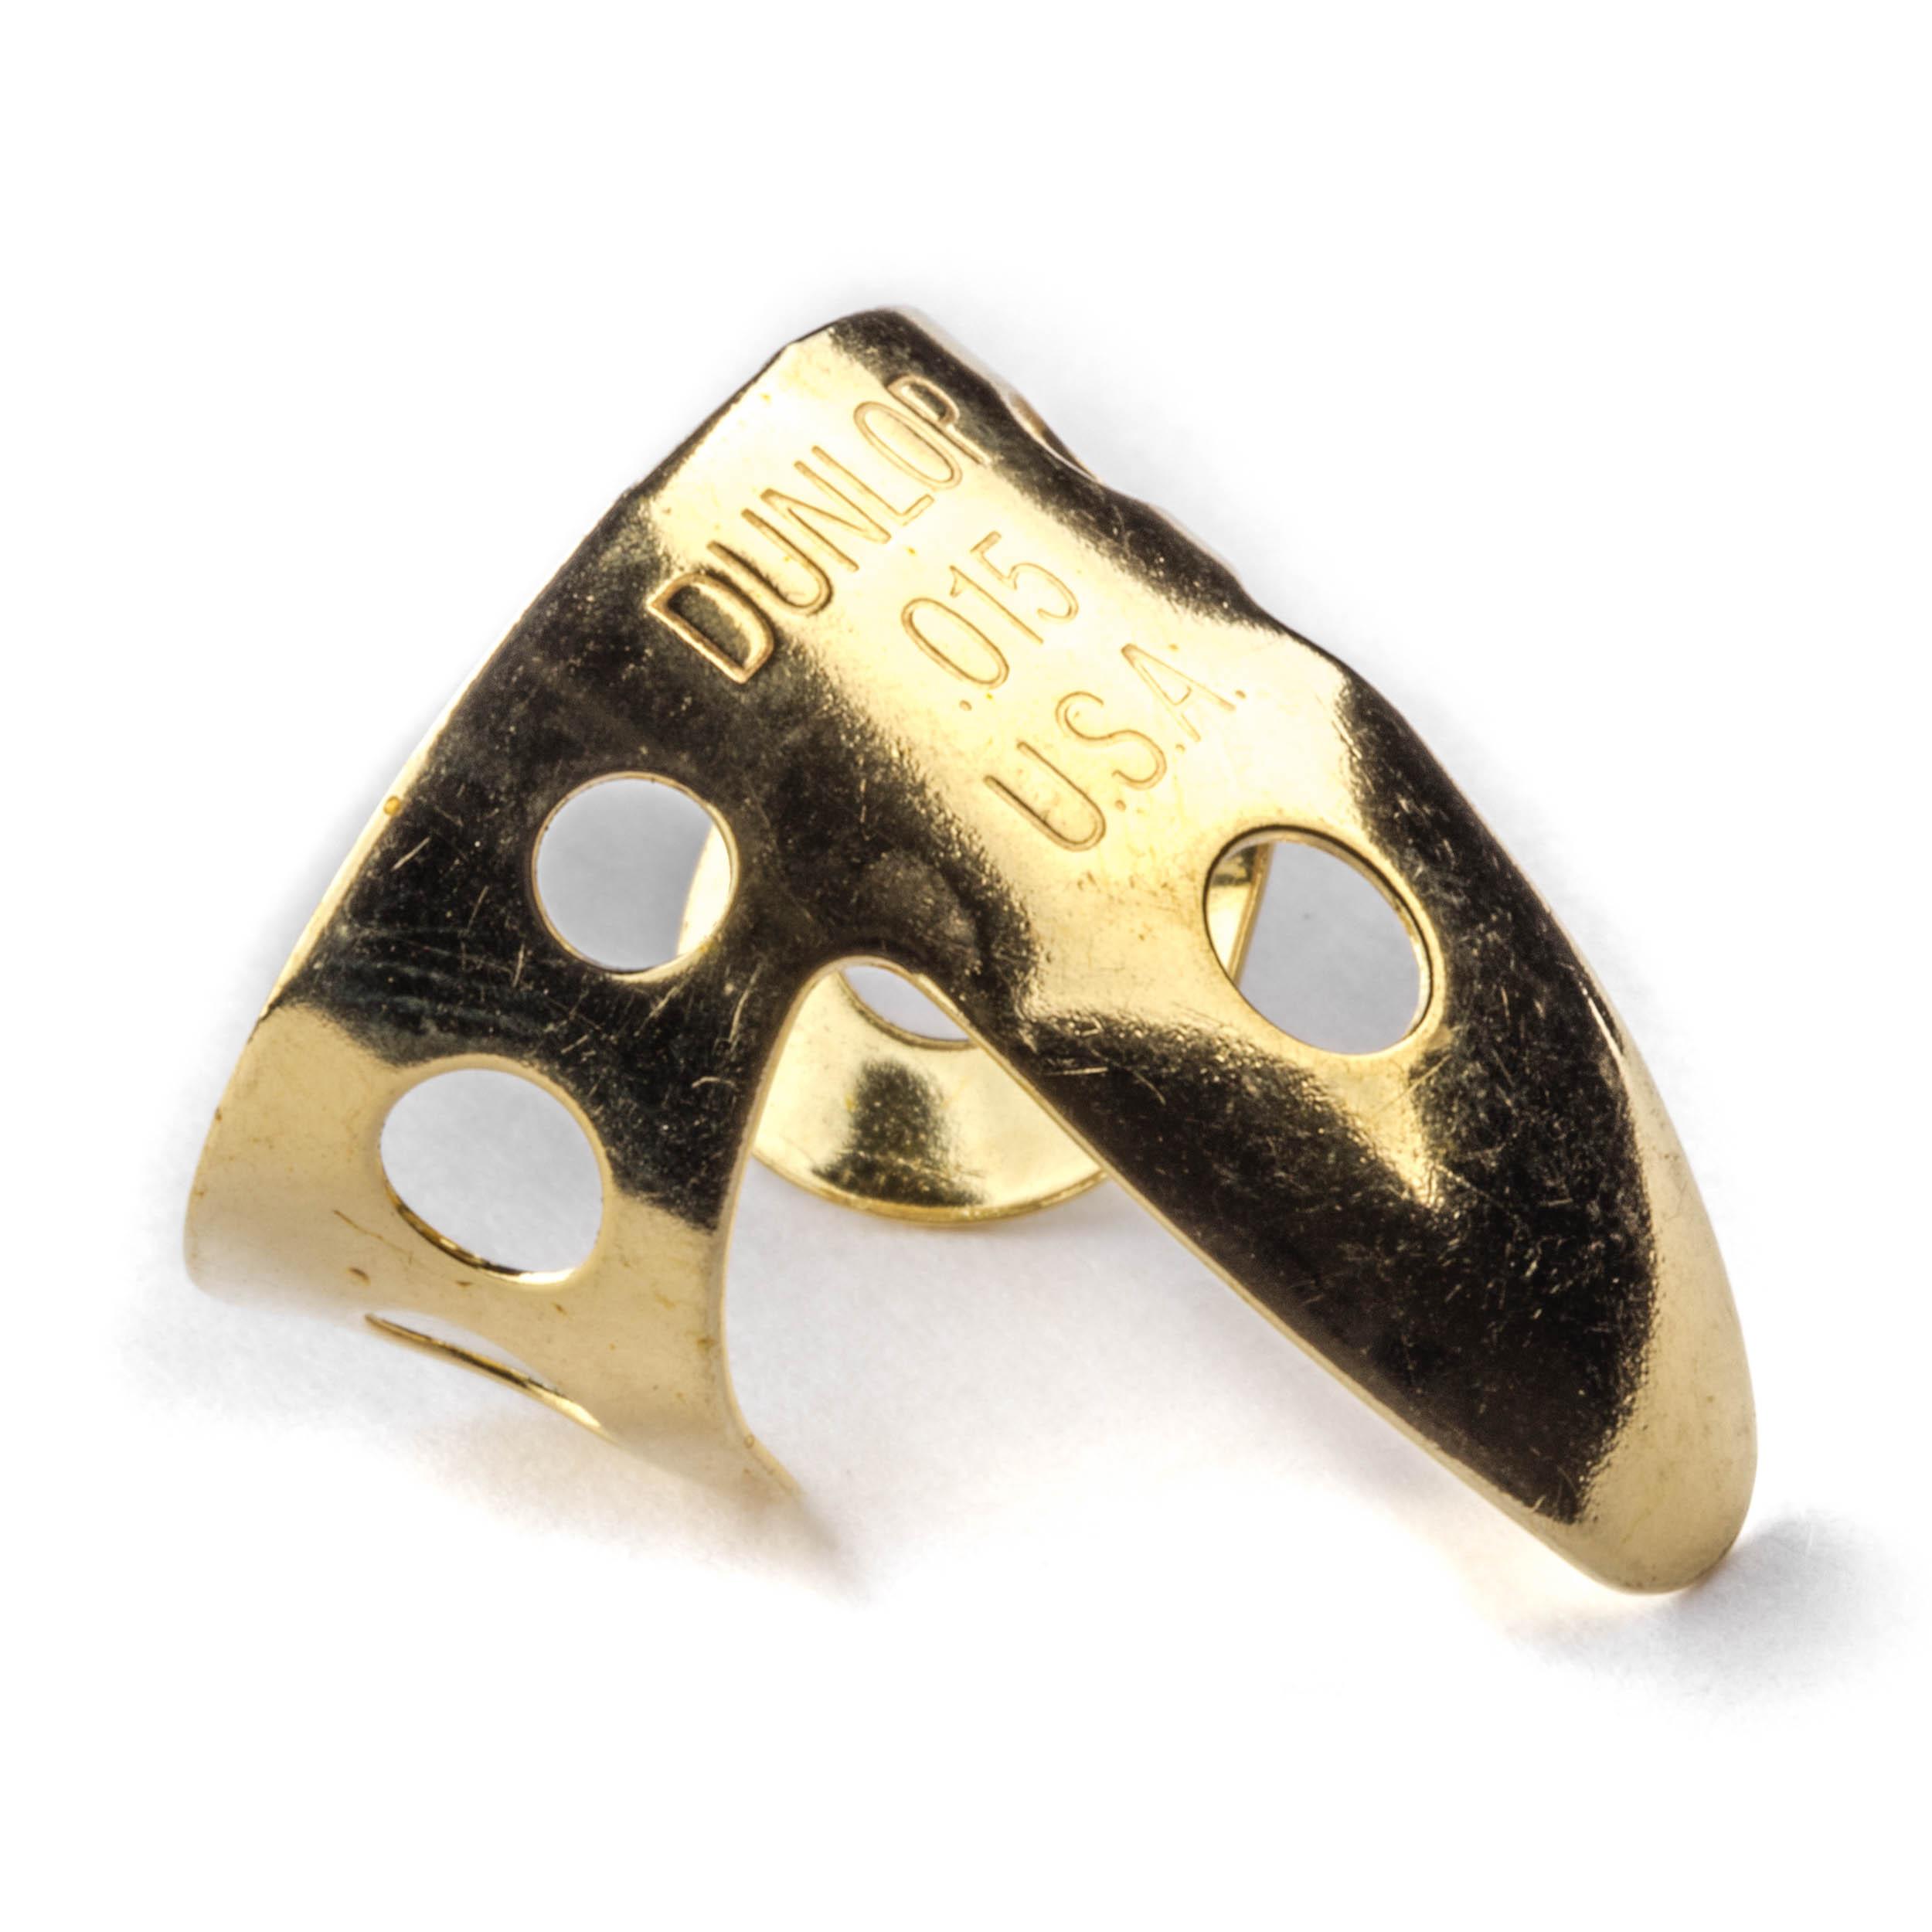 Brass 0,015 inch Fingerpick